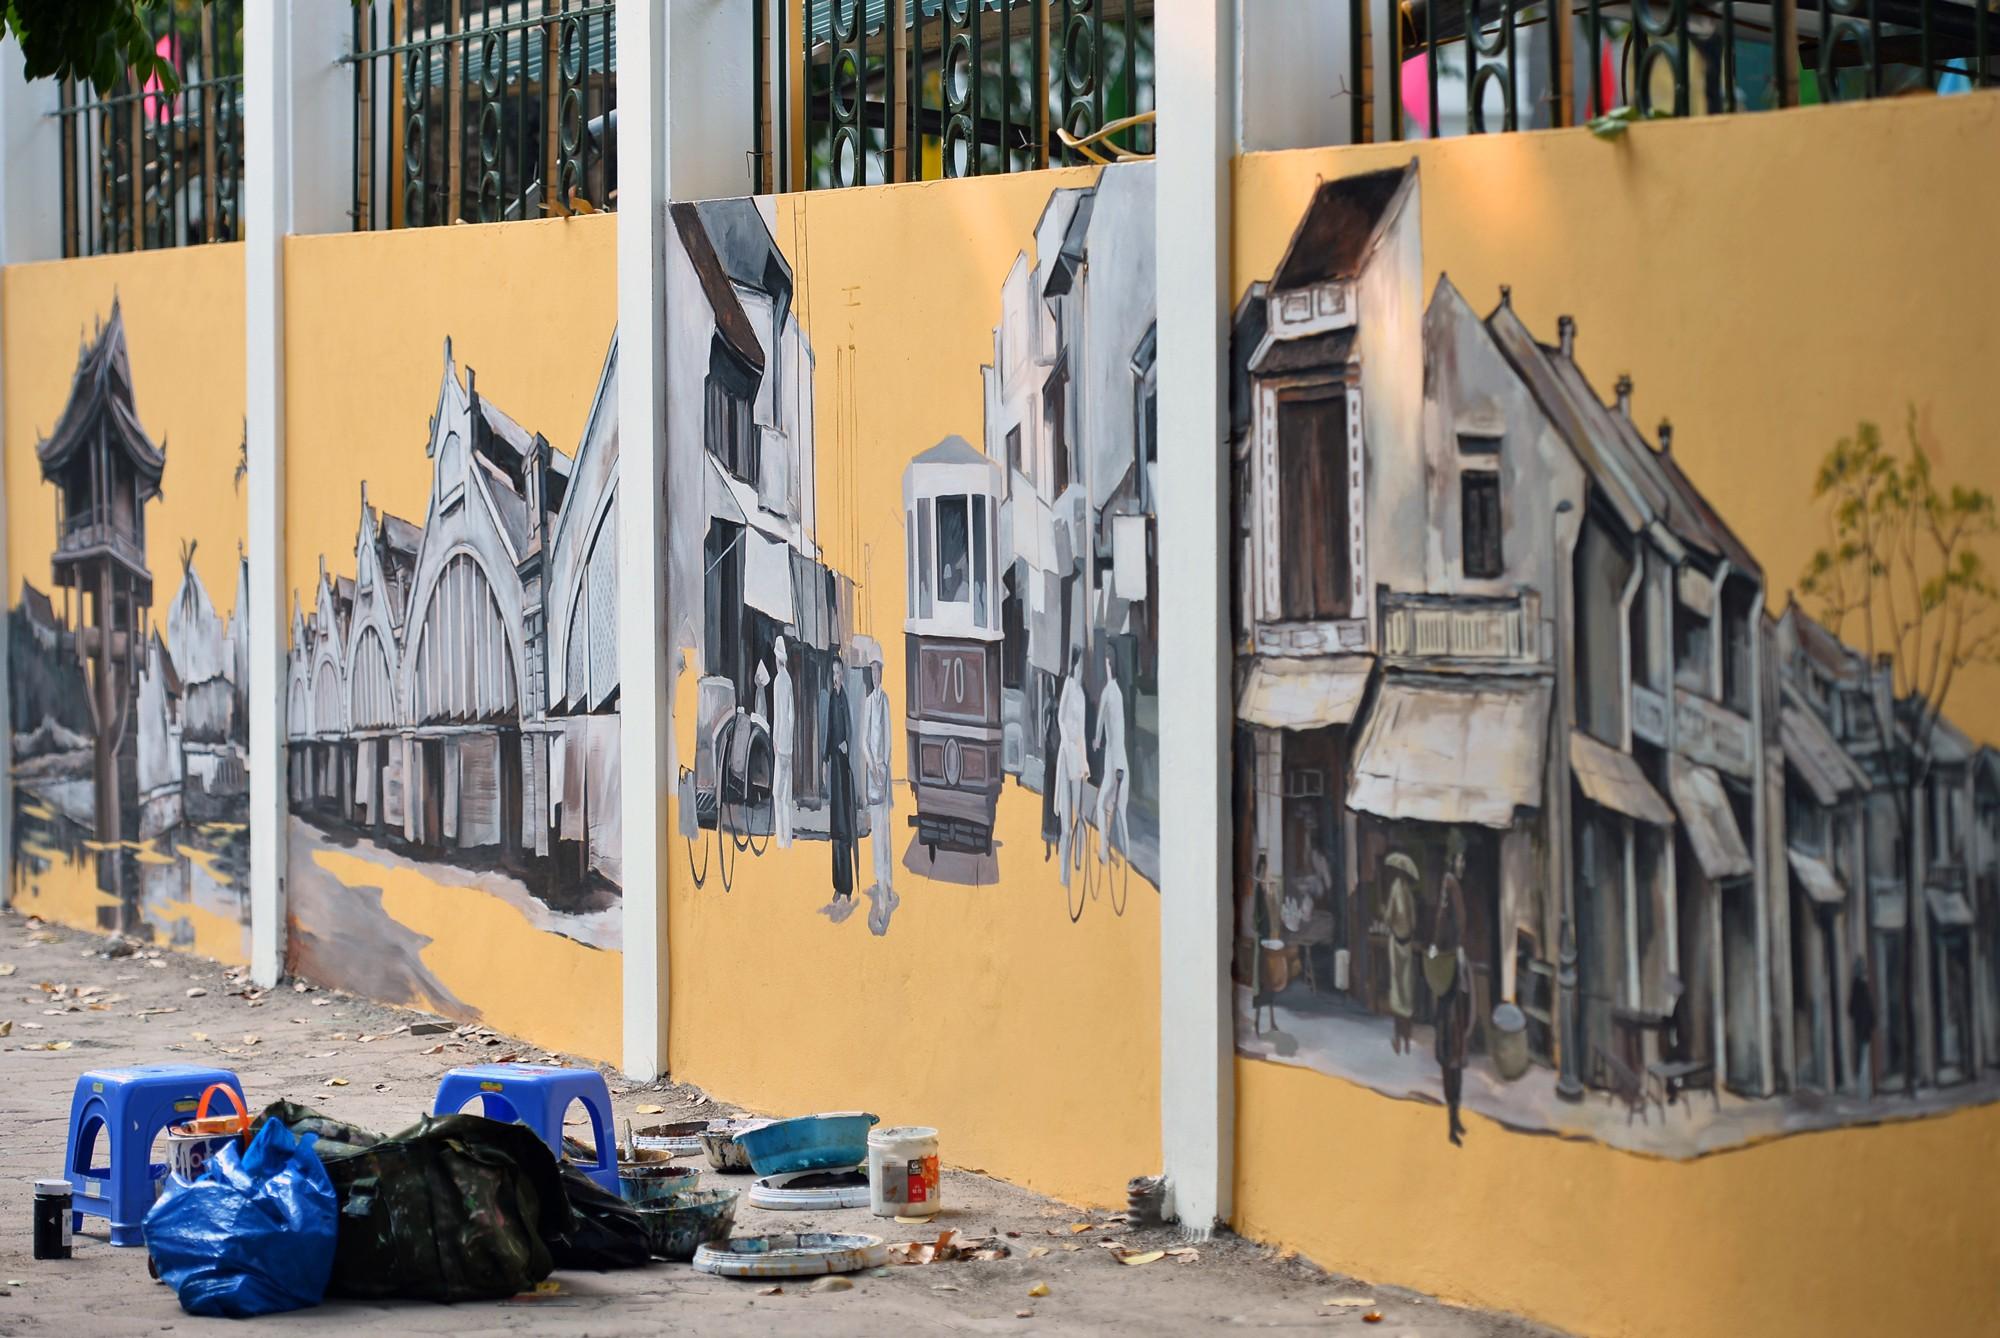 Dãy tường rào cũ kỹ trước cổng trường Phan Đình Phùng được khoác áo mới thành con đường bích họa siêu lãng mạn về Hà Nội xưa - Ảnh 4.